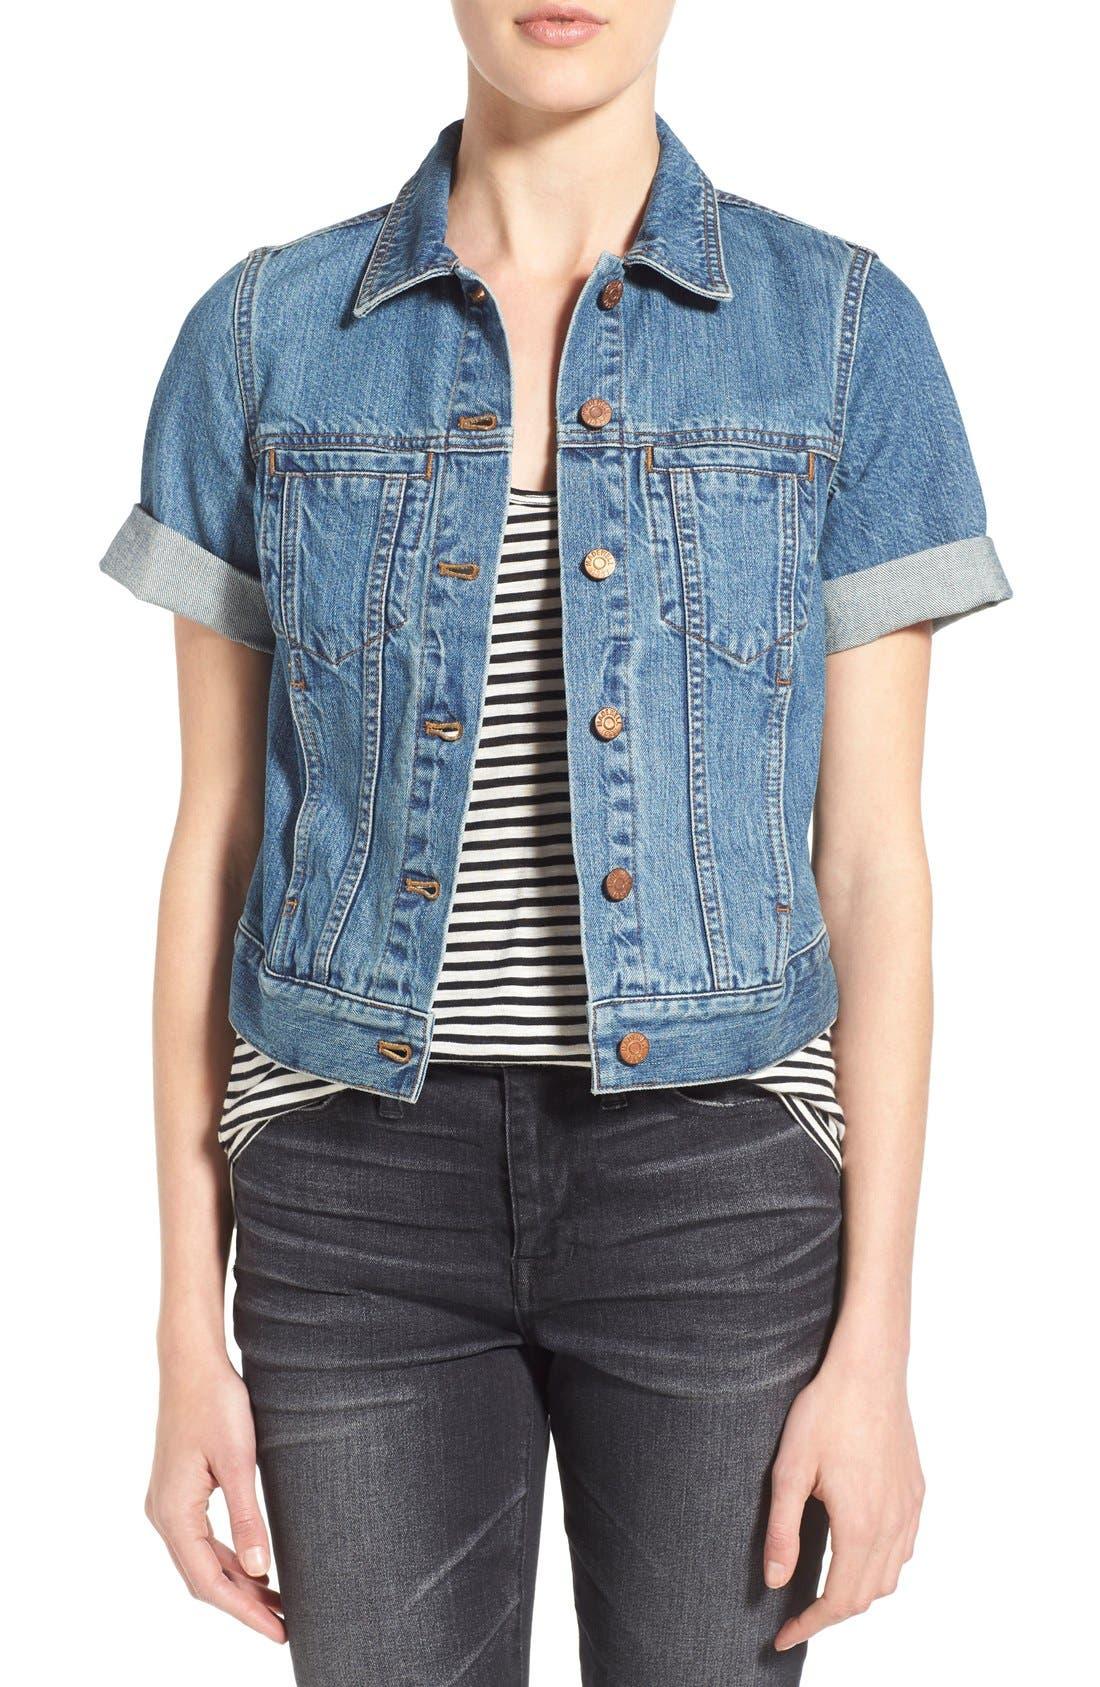 Madewell 'Summer' Short Sleeve Denim Jacket | Nordstrom